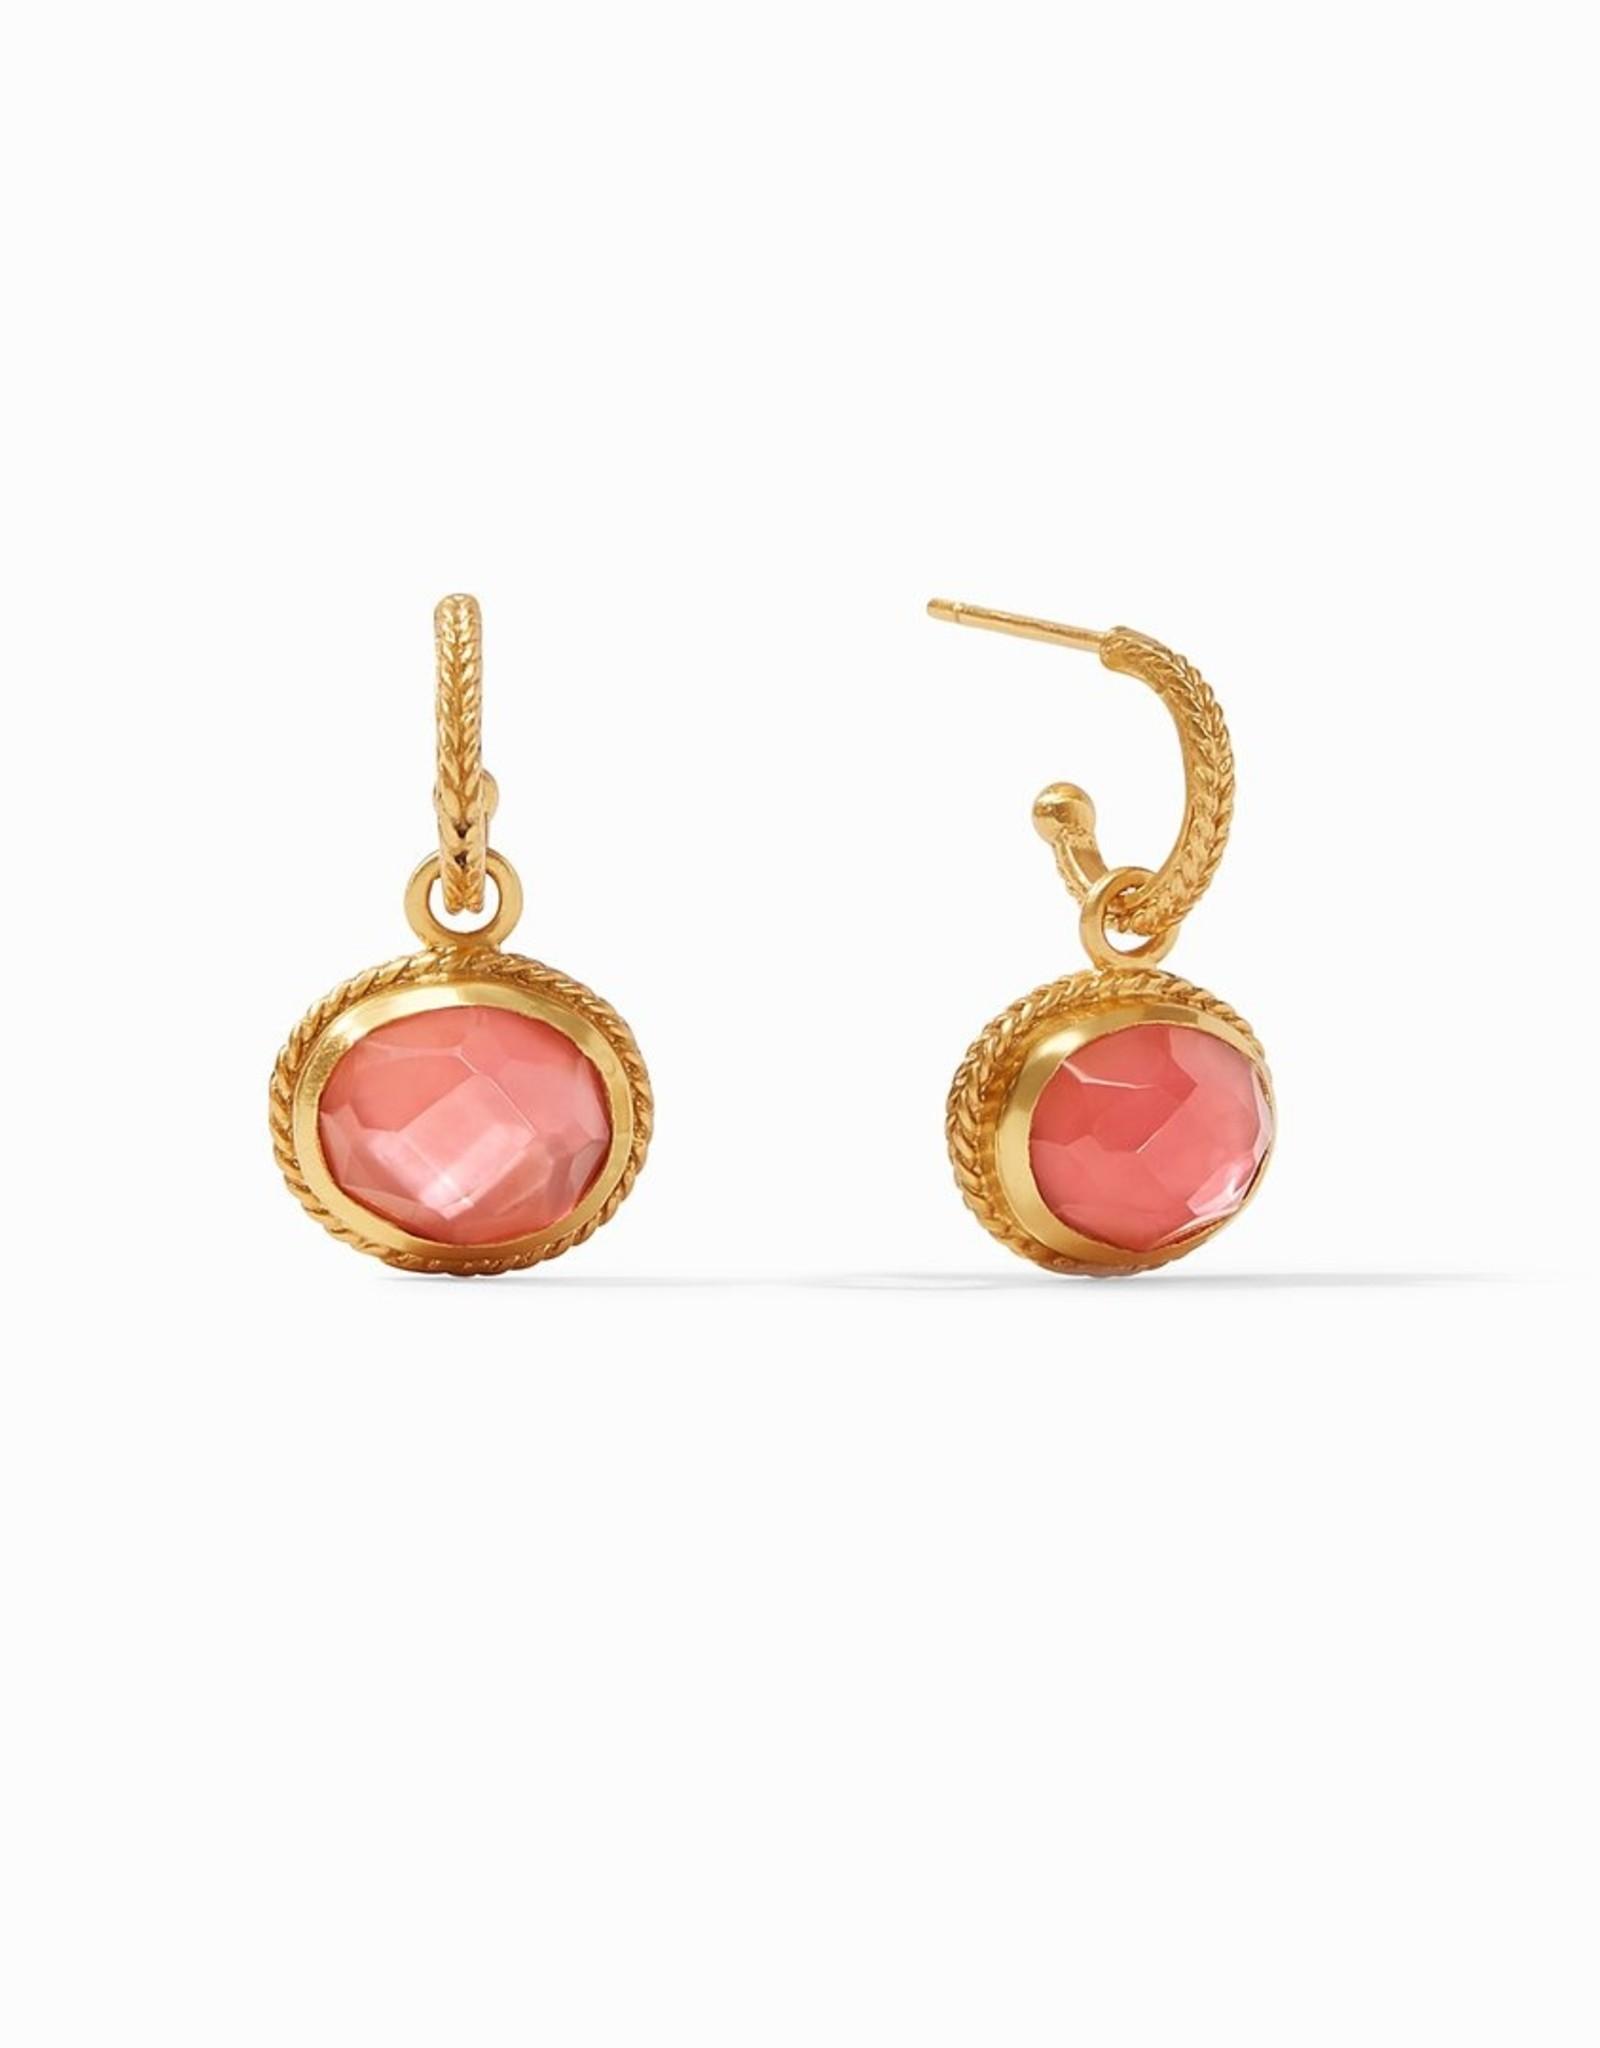 Julie Vos Calypso Hoop & Charm Earrings